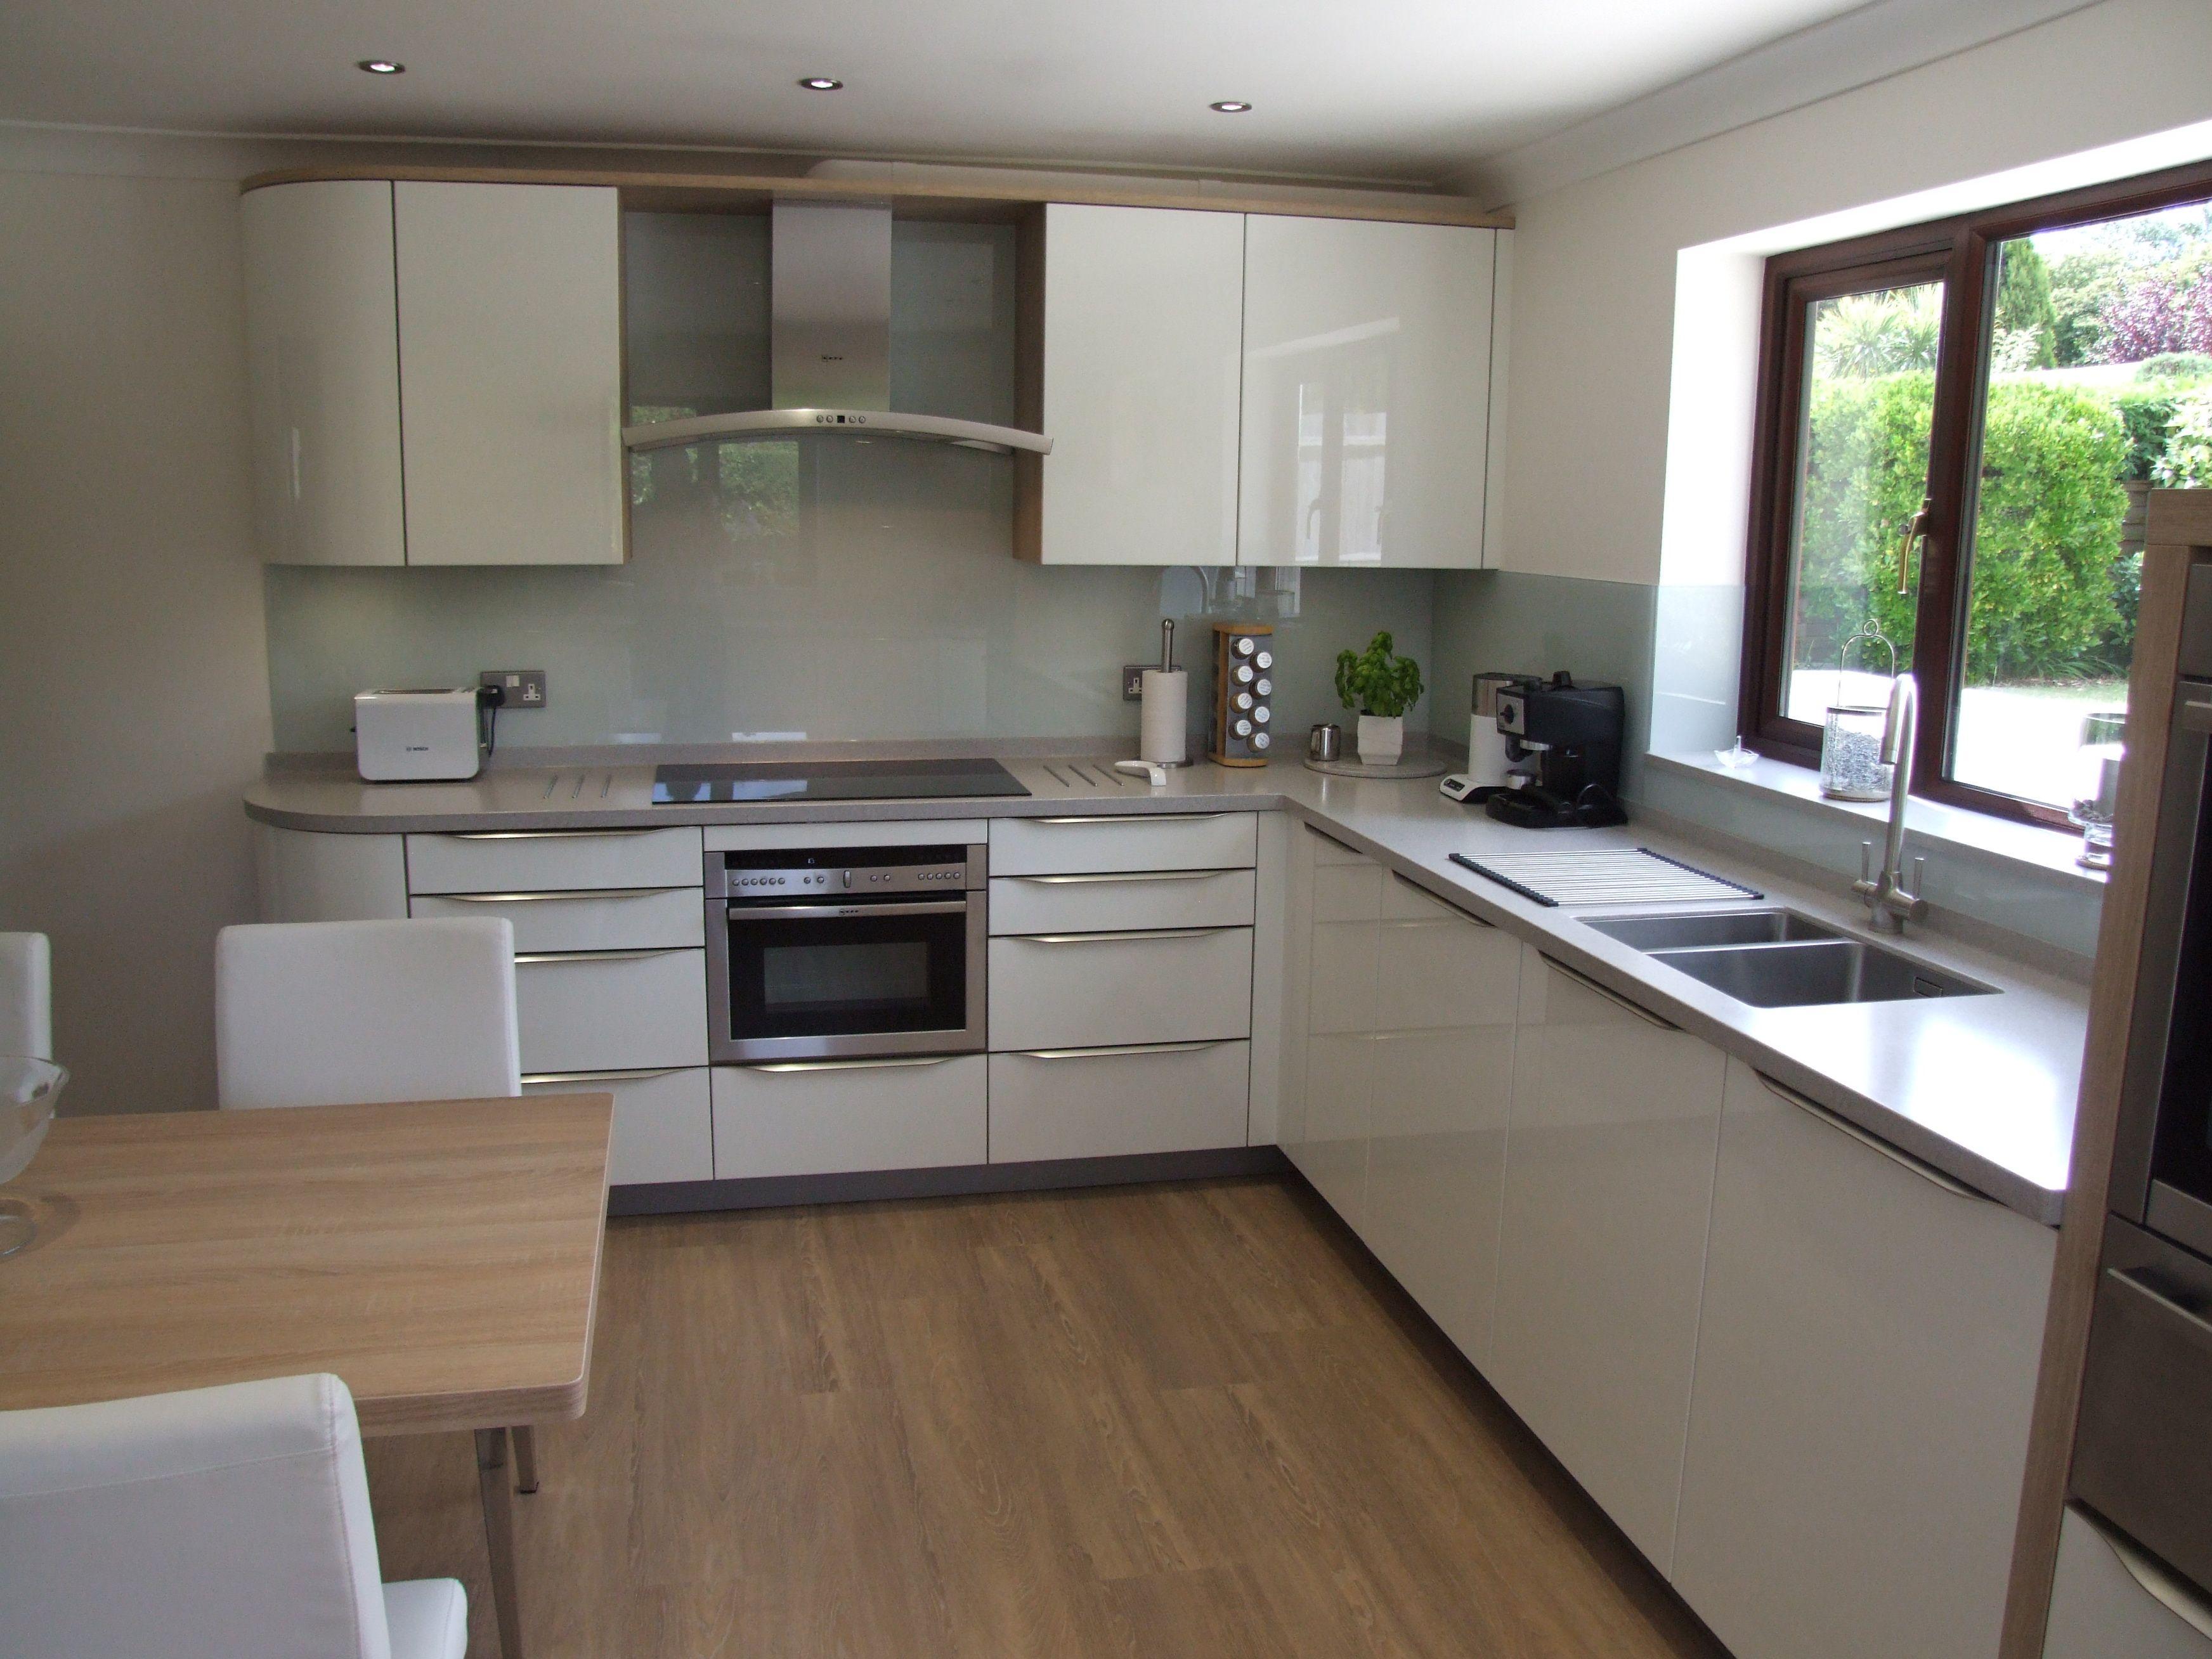 White Gloss Kitchen With Warm Oak Framework Matching